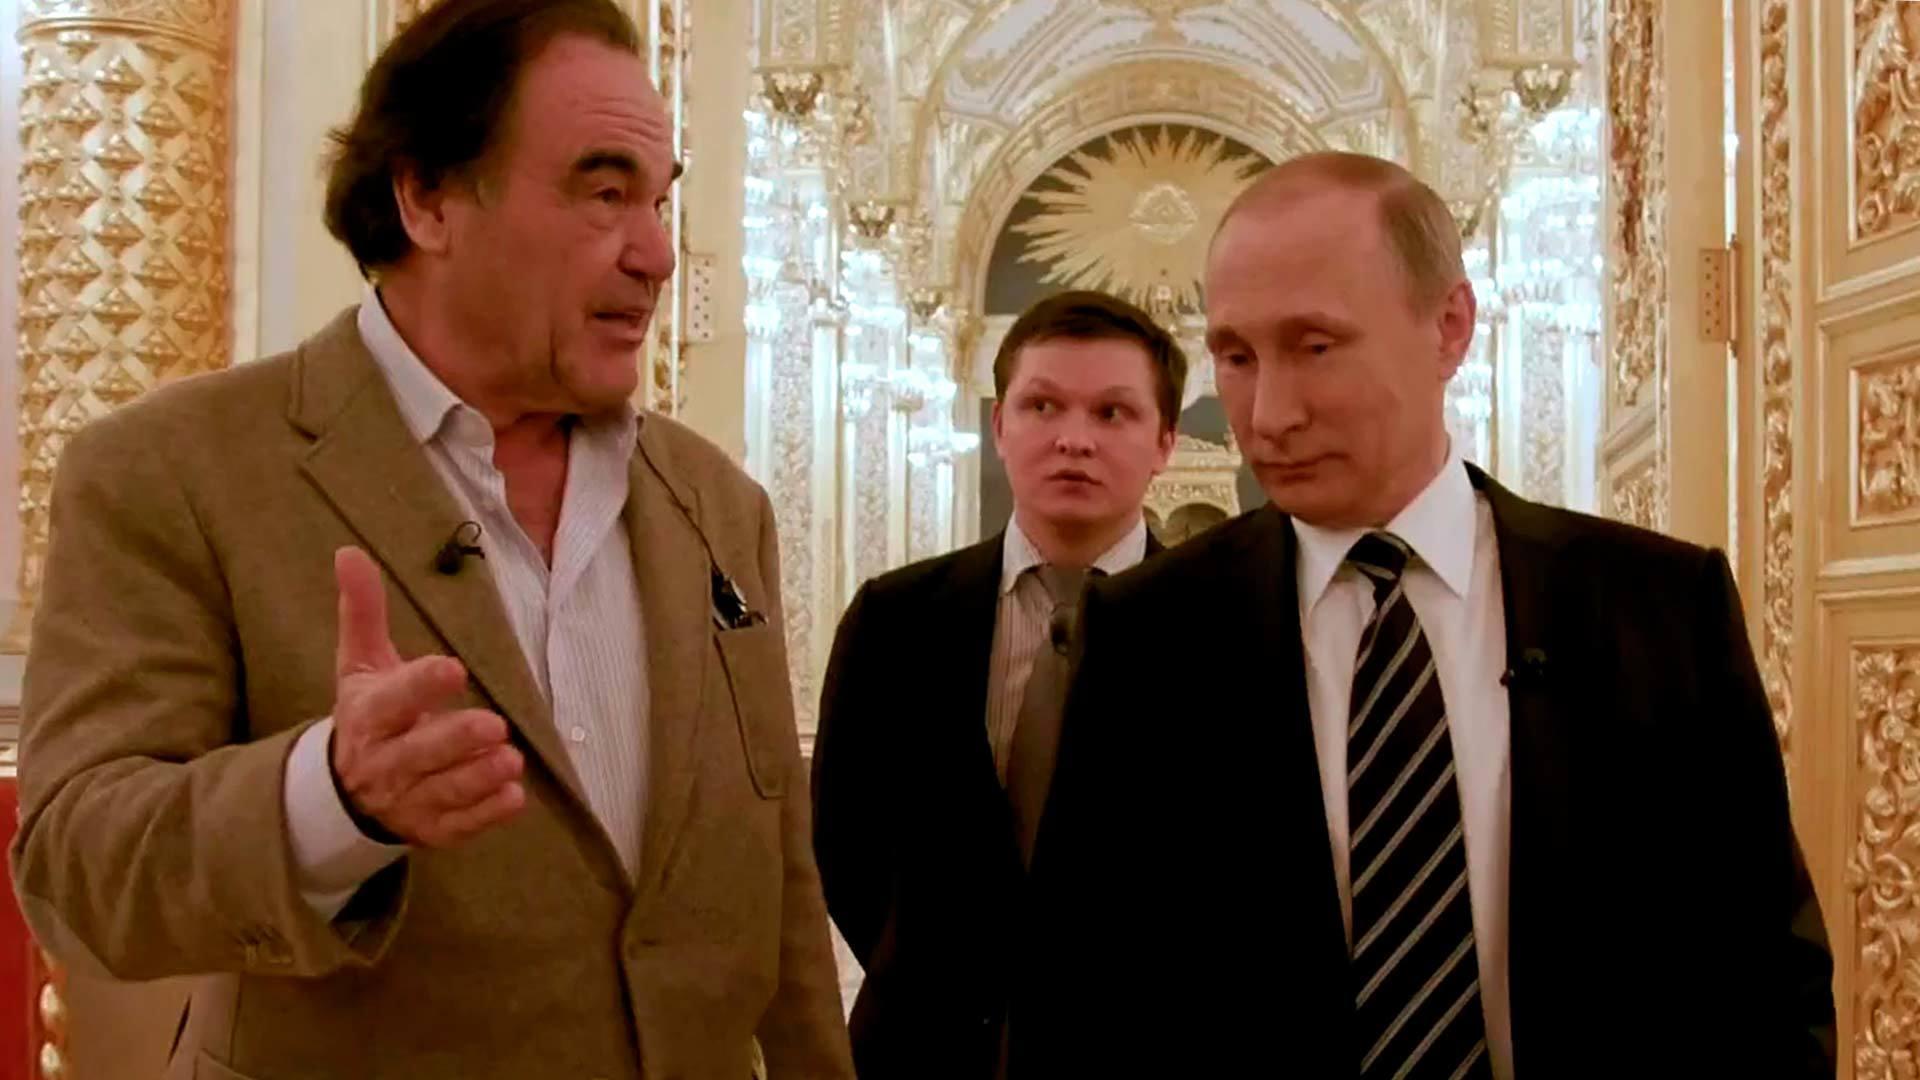 любите первый балтийский фильм оливера стоуна путин 3часть основных экономических